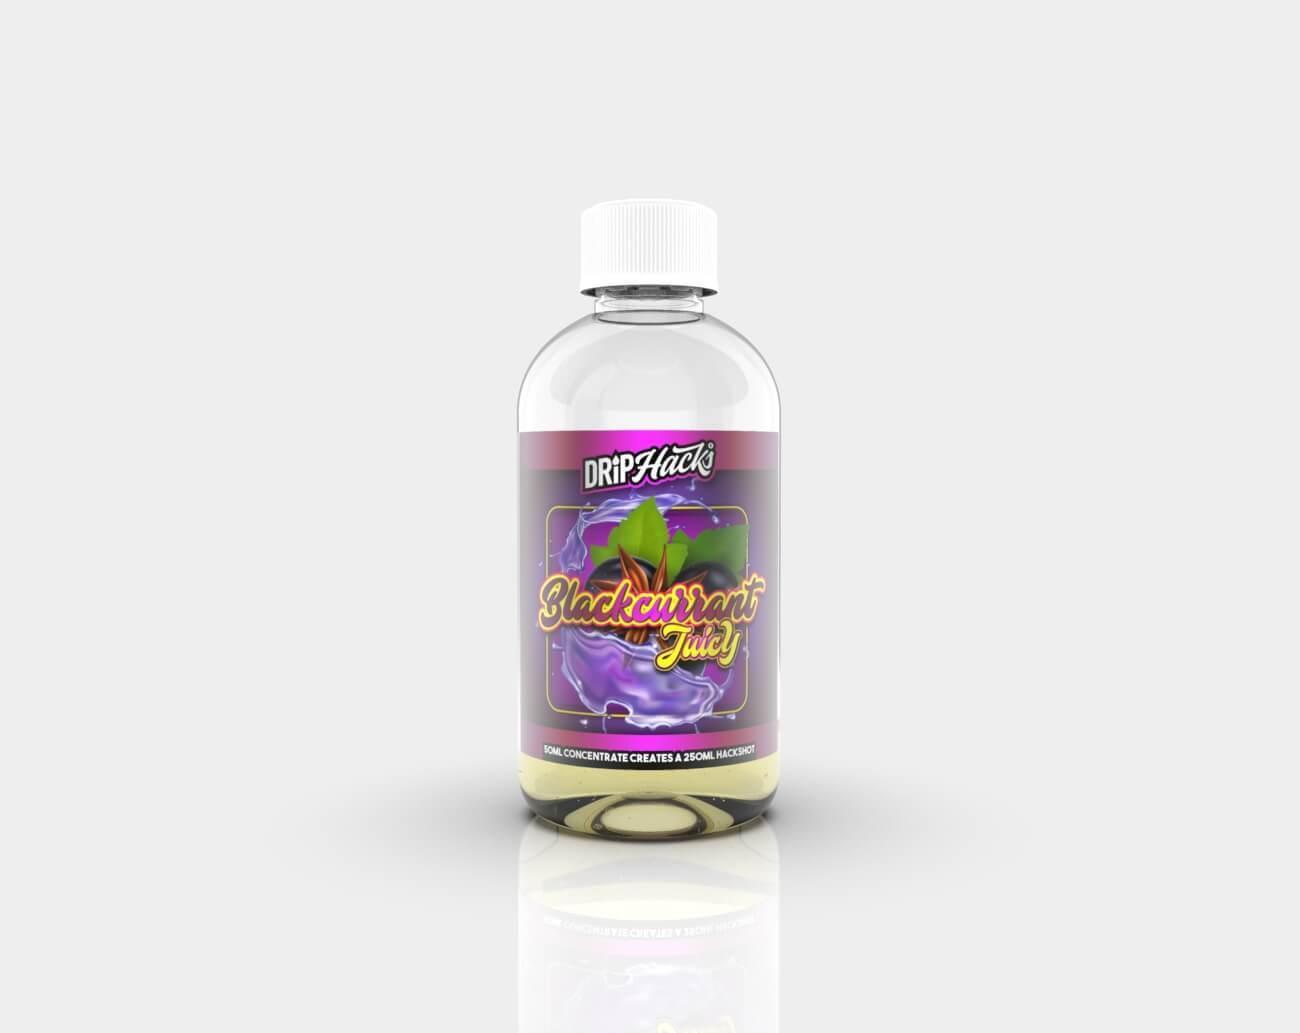 HACKSHOT Blackcurrant Juicy by Drip Hacks 250ml